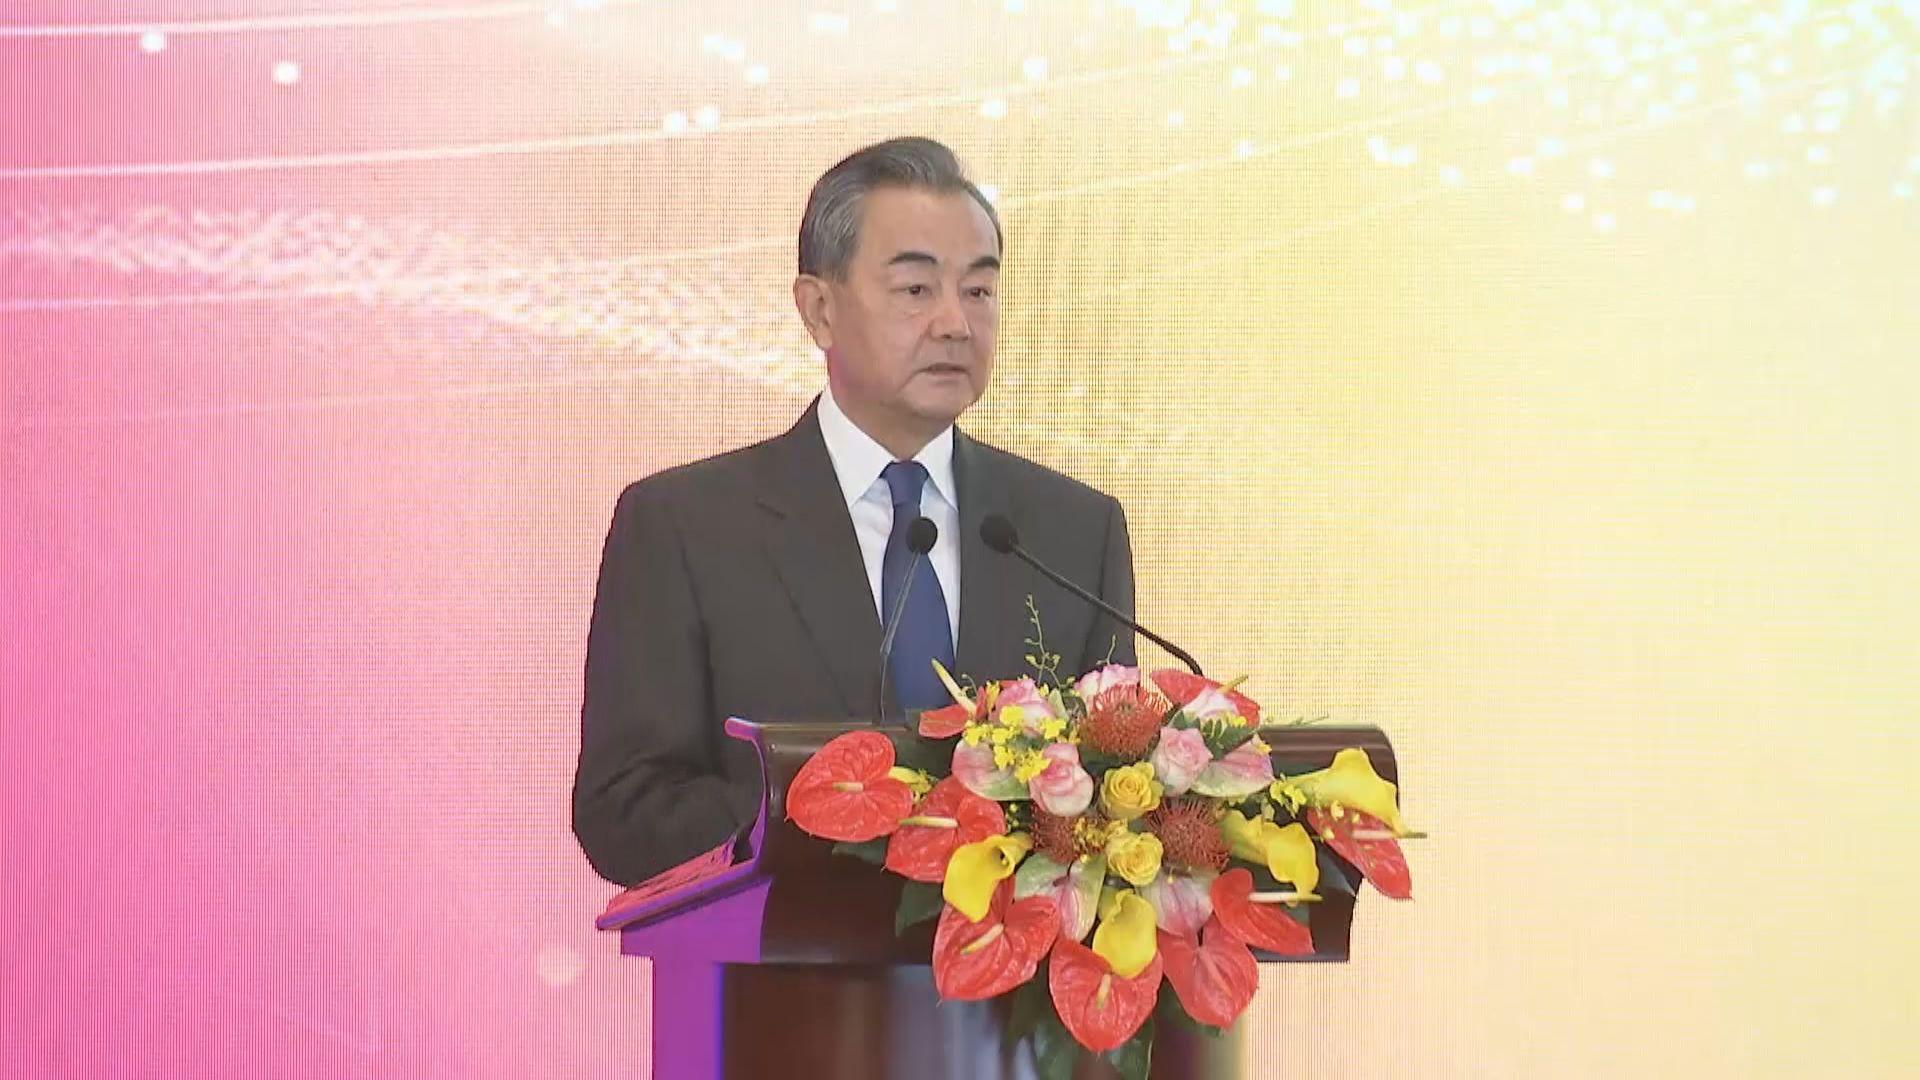 王毅:美國不應單方面制裁中國企業